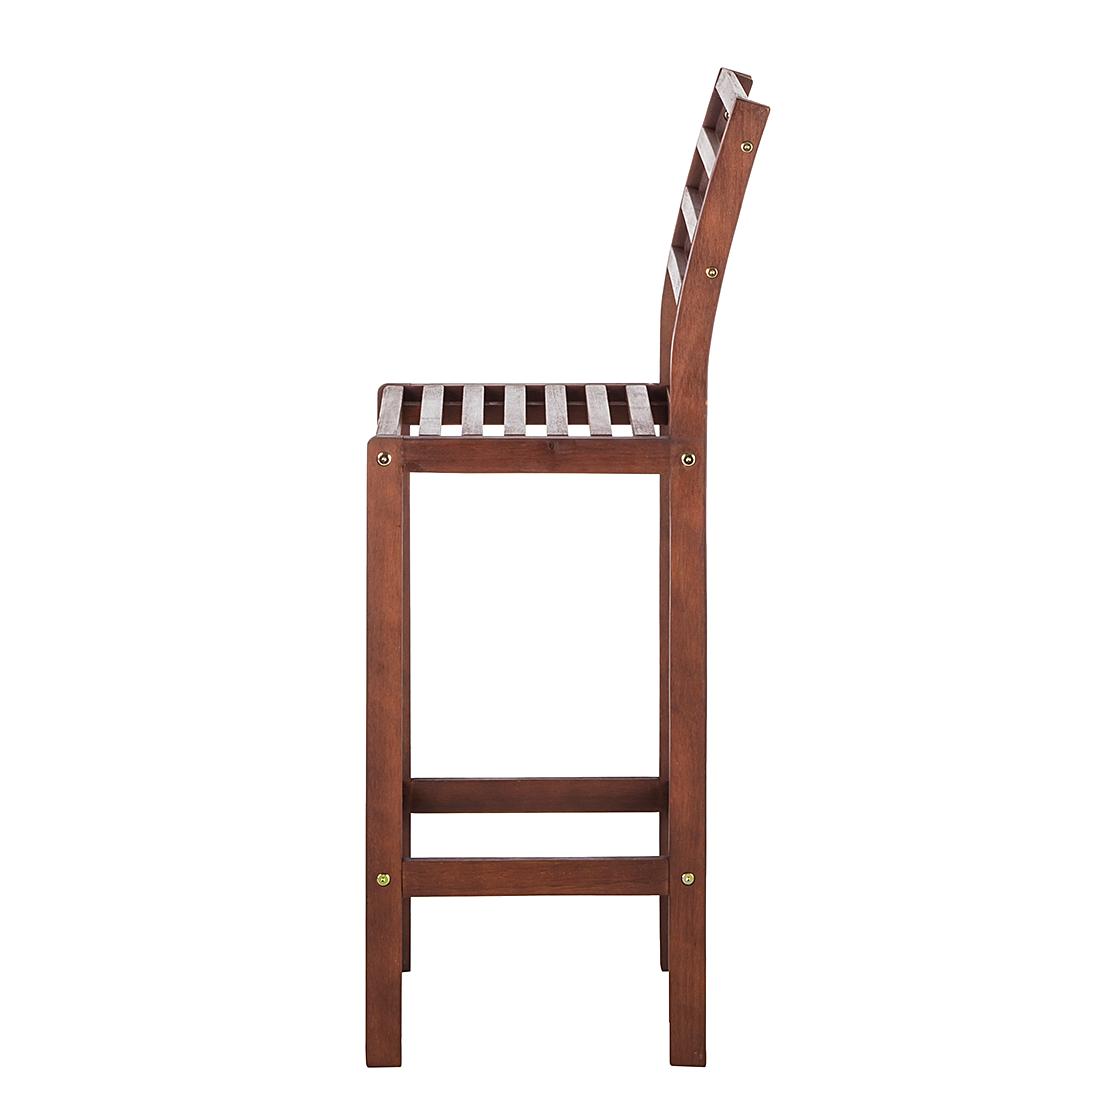 2er set barstuhl eukalyptus holz gartenst hle barhocker garten bar st hle neu ebay. Black Bedroom Furniture Sets. Home Design Ideas